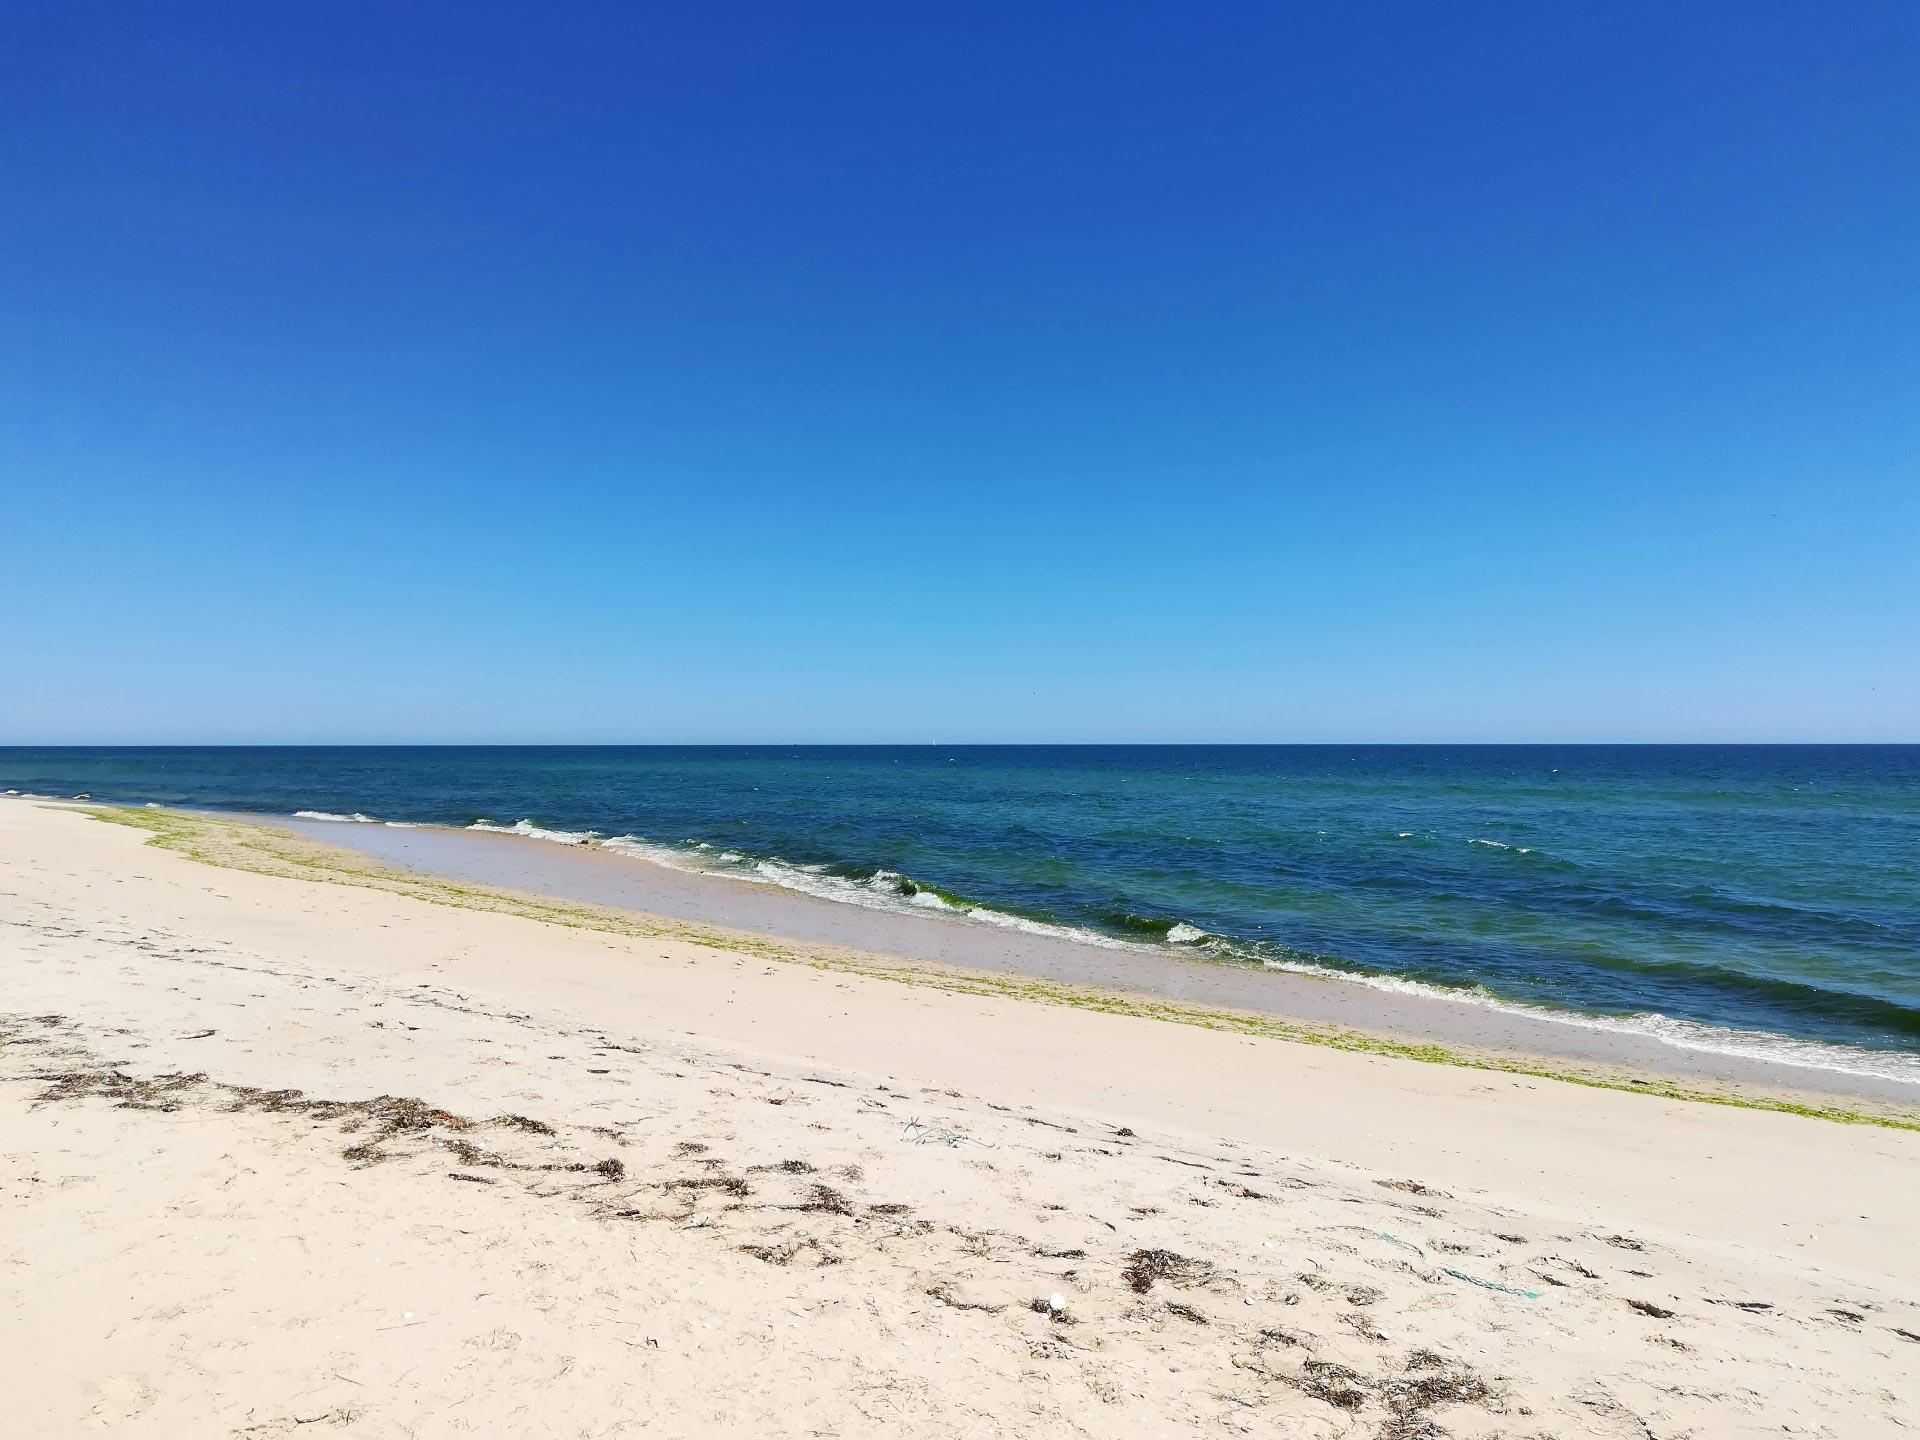 Veduta di Praia do Barril, Faro, Algarve, Portogallo